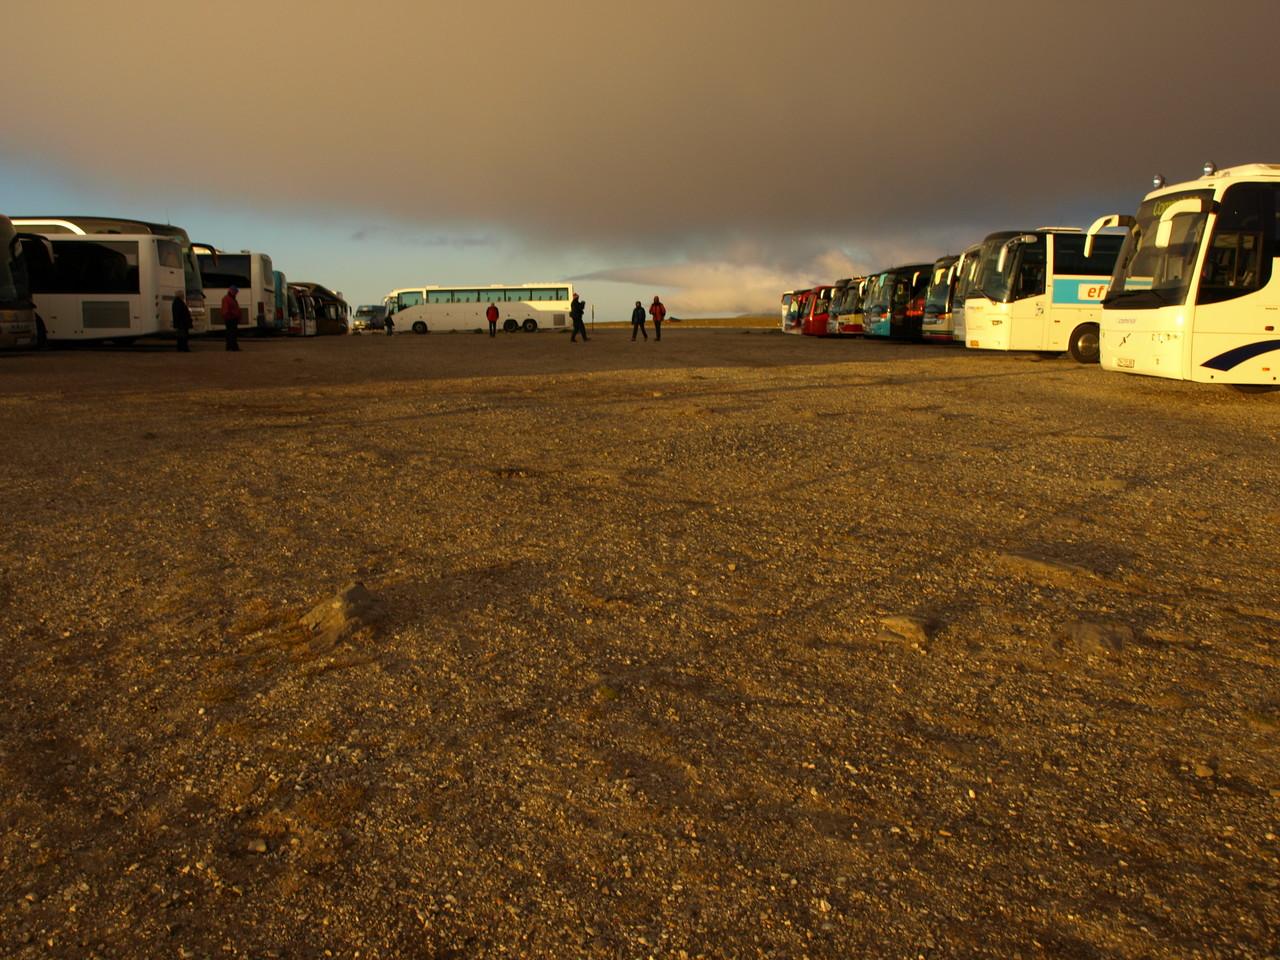 am Abend rauschen die Busse mit den Touristen heran